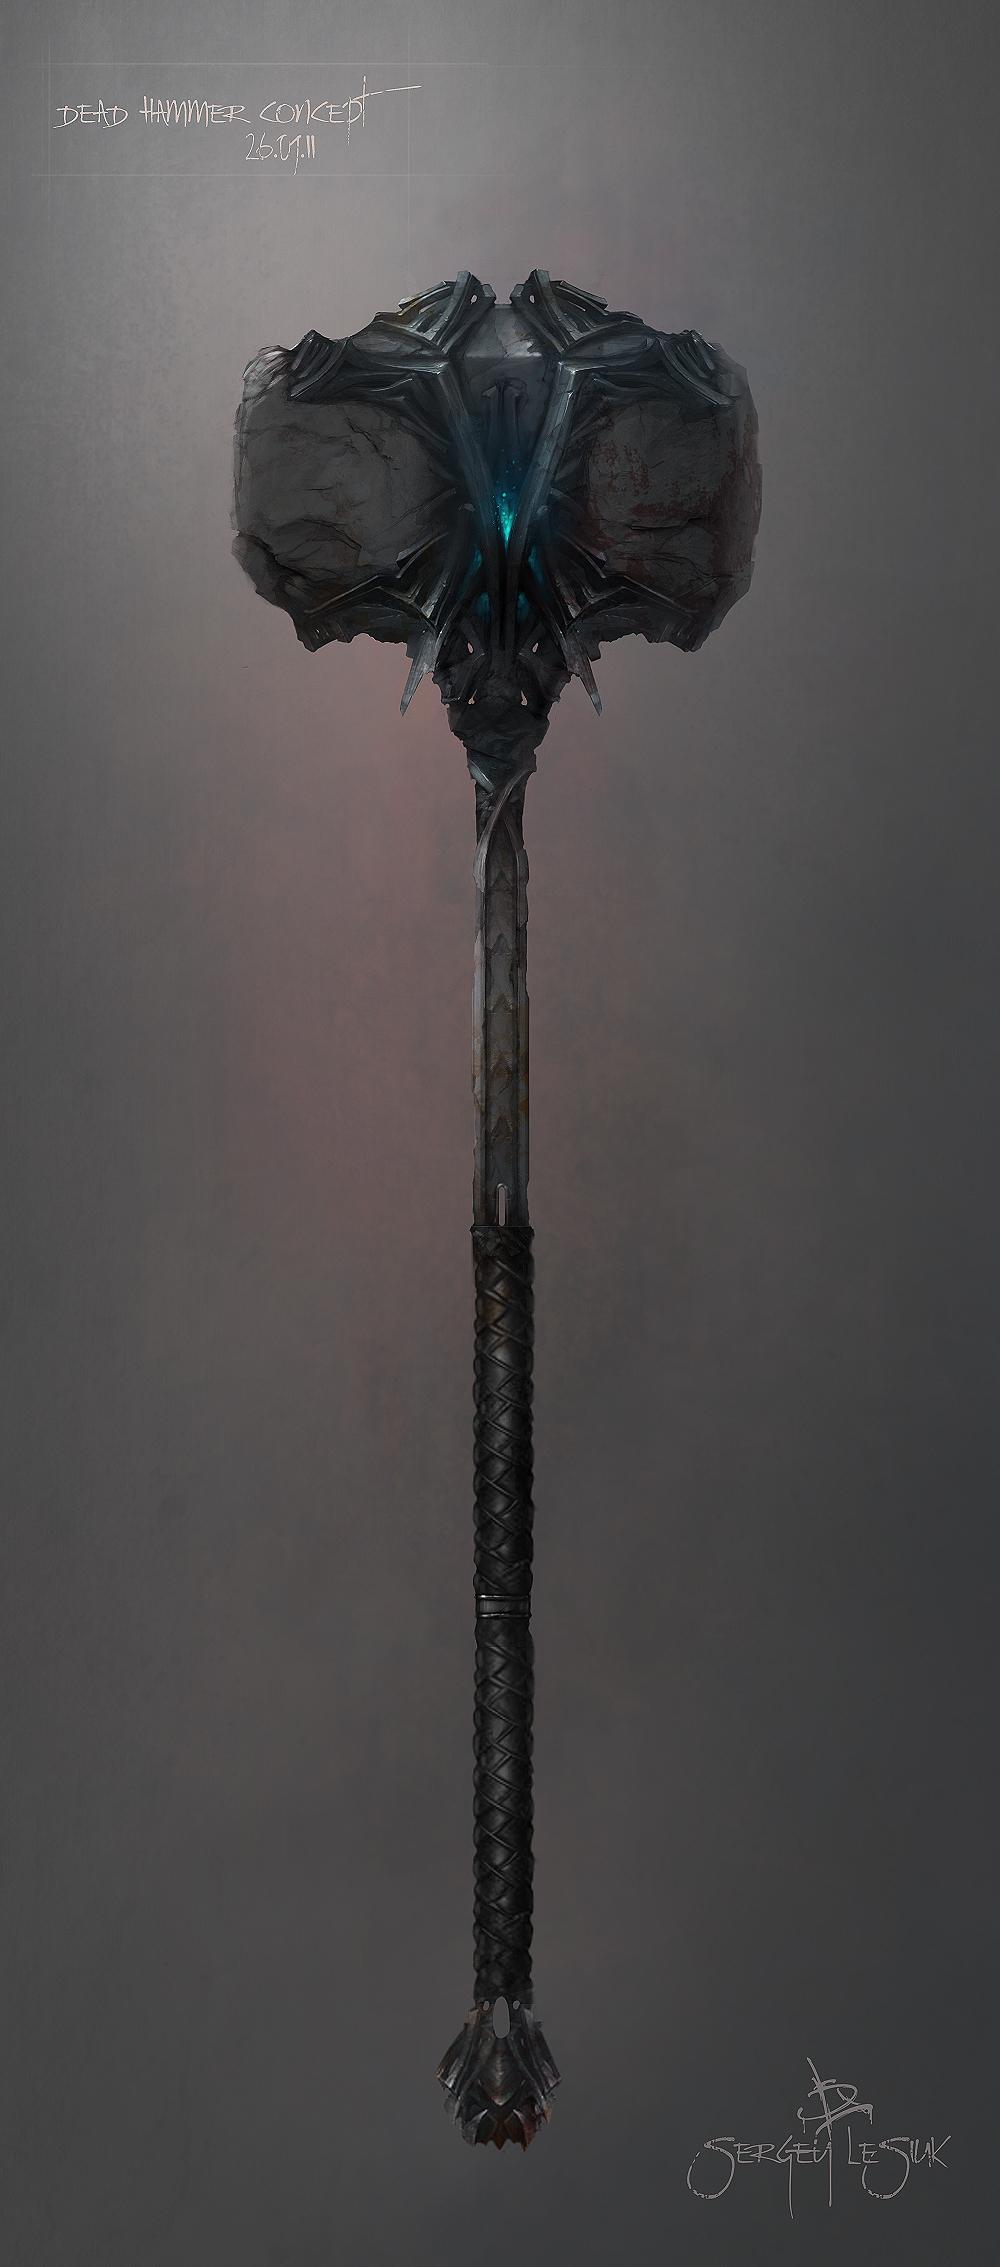 Dead hammer by nitro killer-d4b1k7r